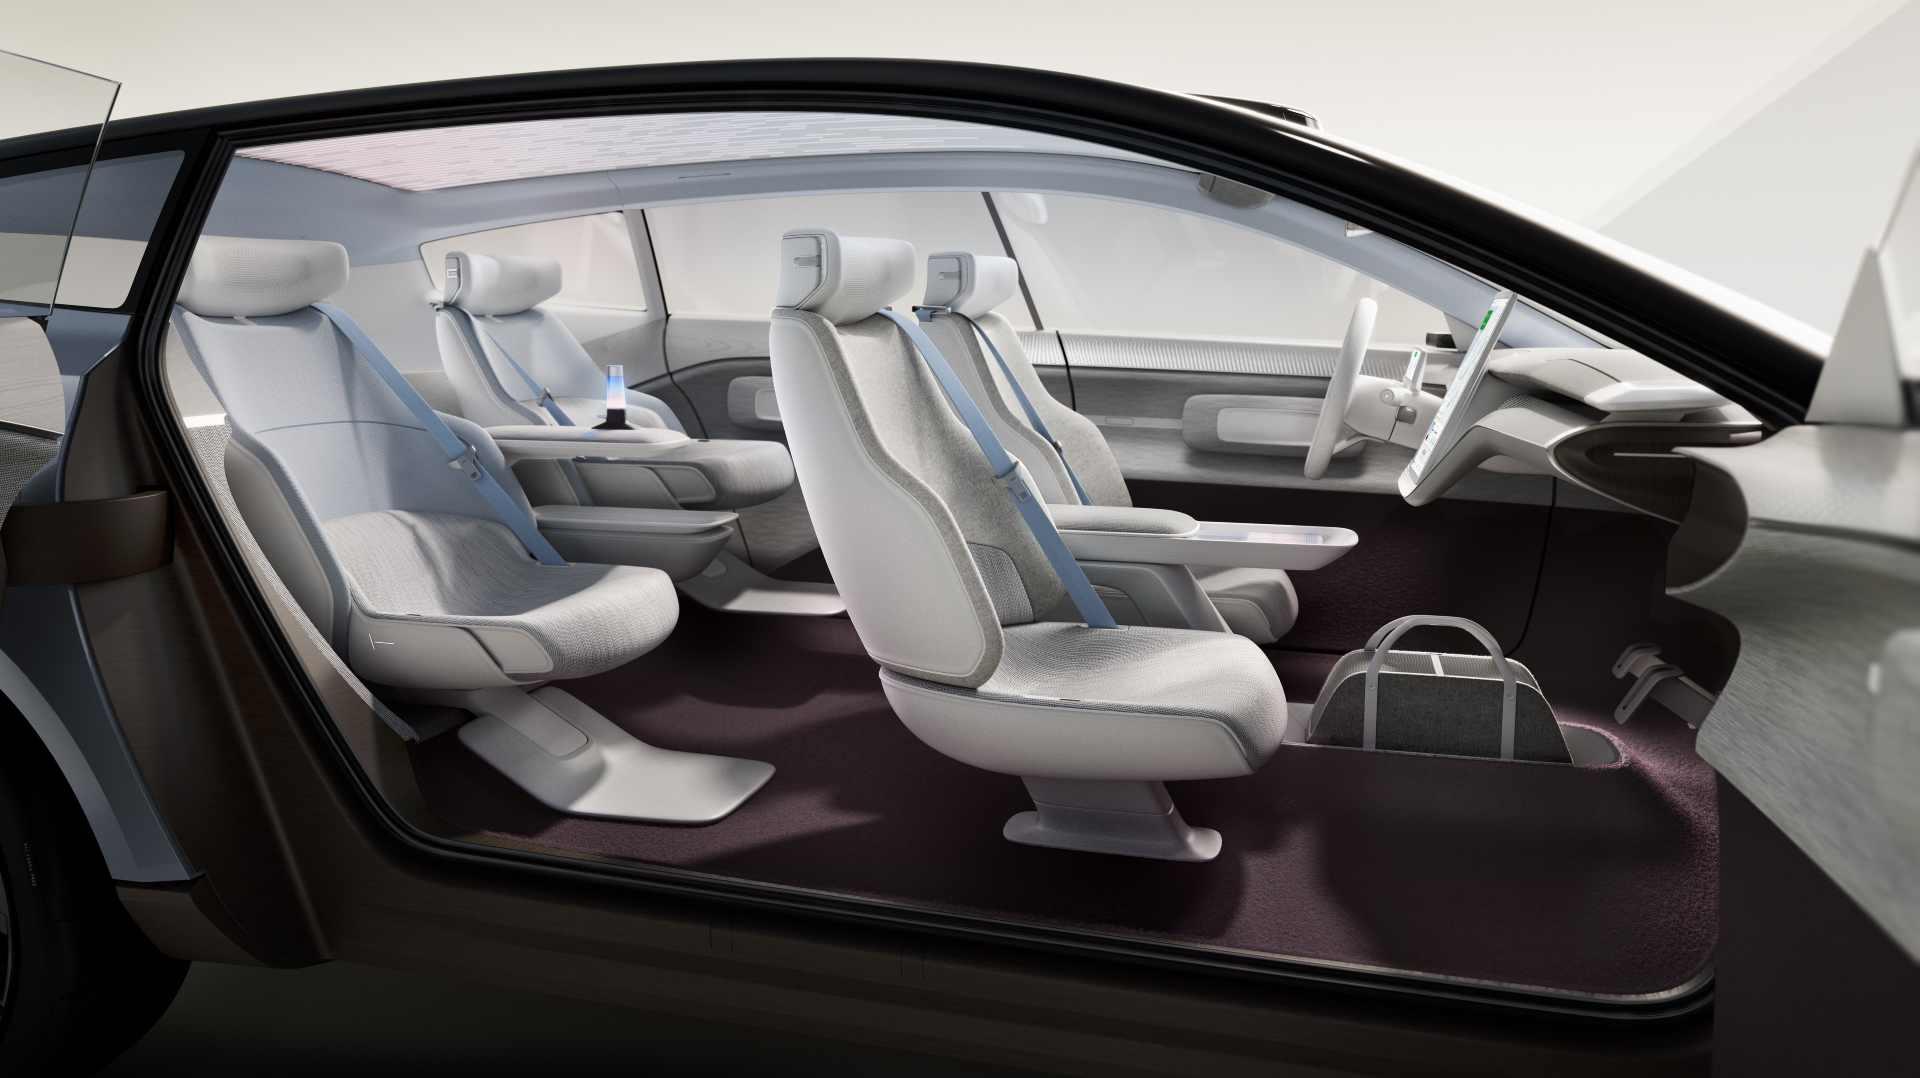 L'empattement long et le plancher plat signifient qu'il y a beaucoup d'espace à l'intérieur du Concept Recharge.  Image : Volvo